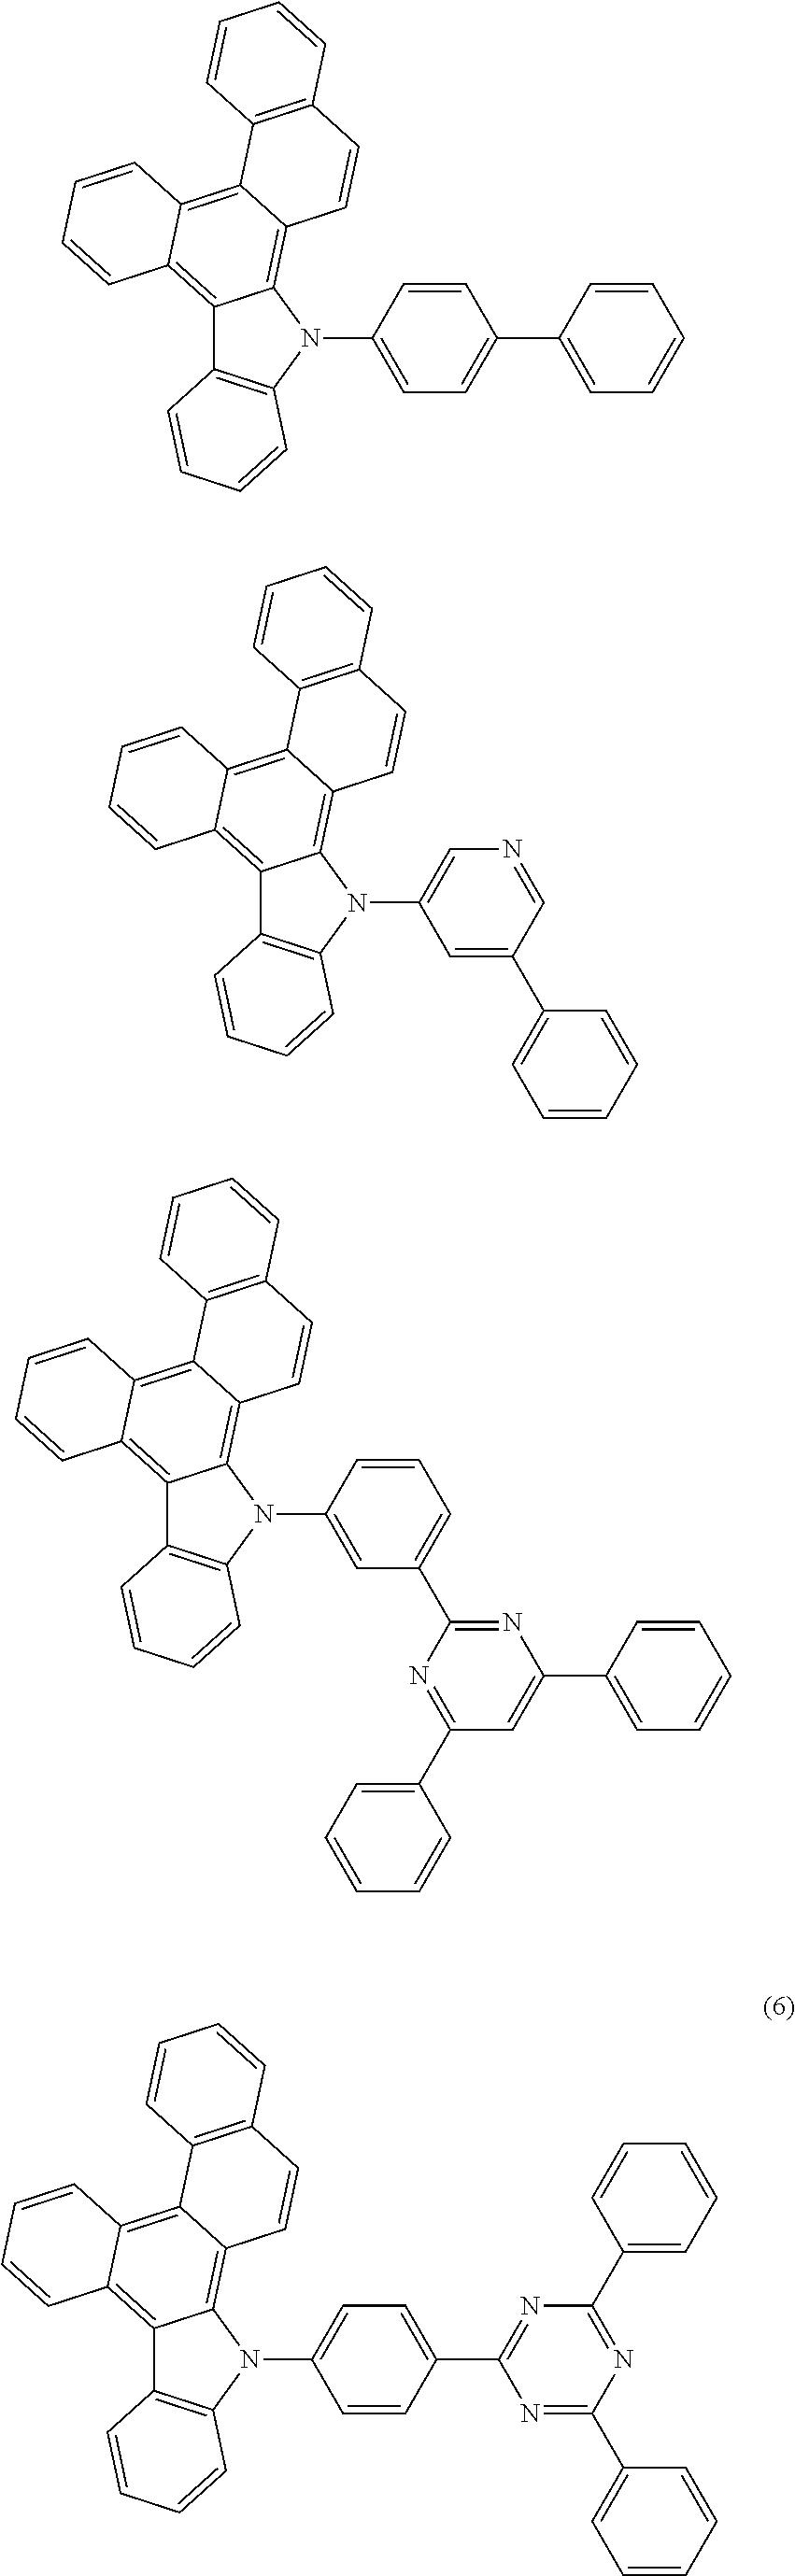 Figure US09837615-20171205-C00031